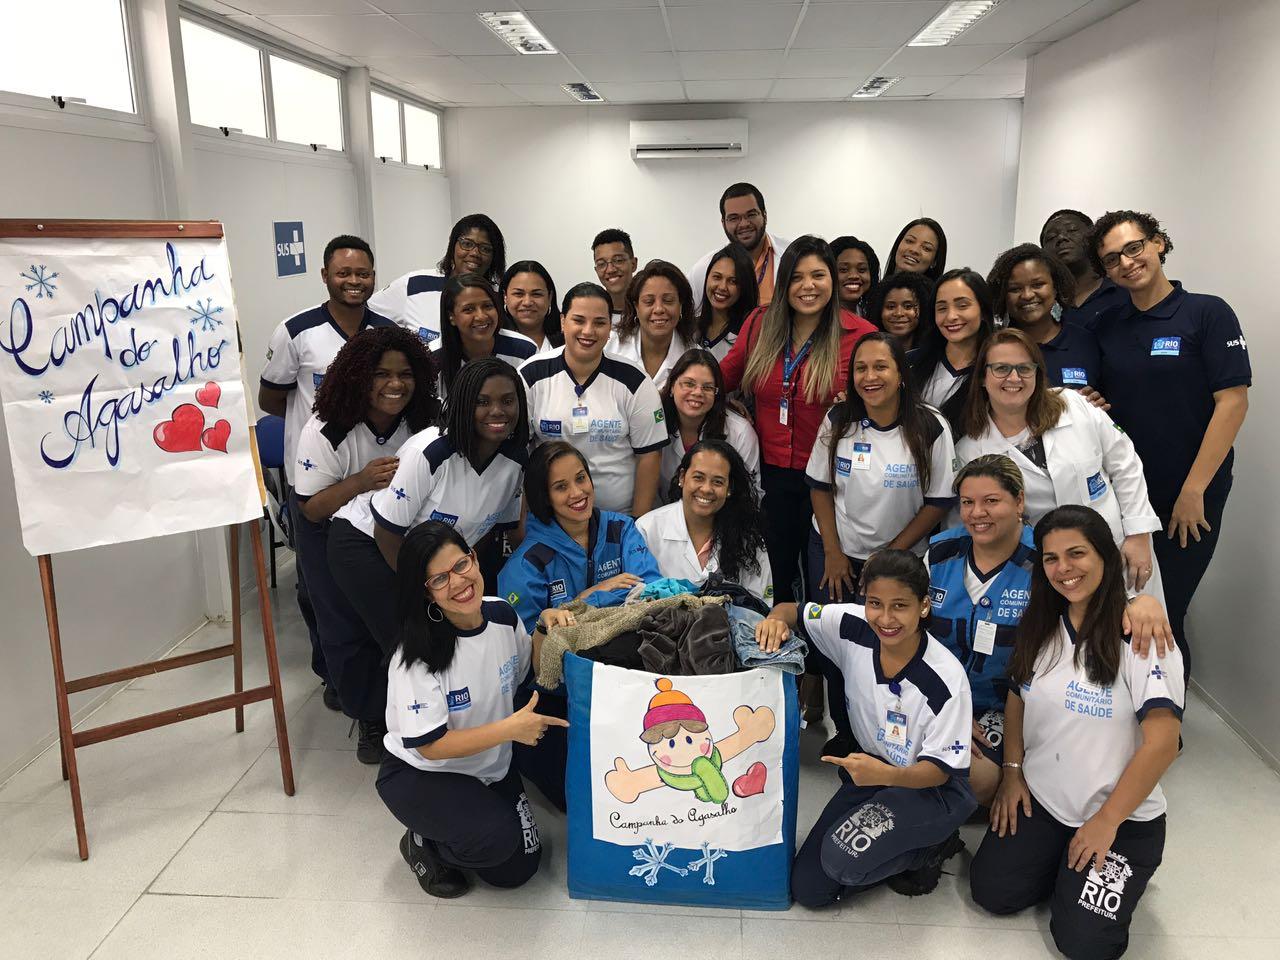 Clínica da Família Amélia dos Santos promove Campanha do Agasalho